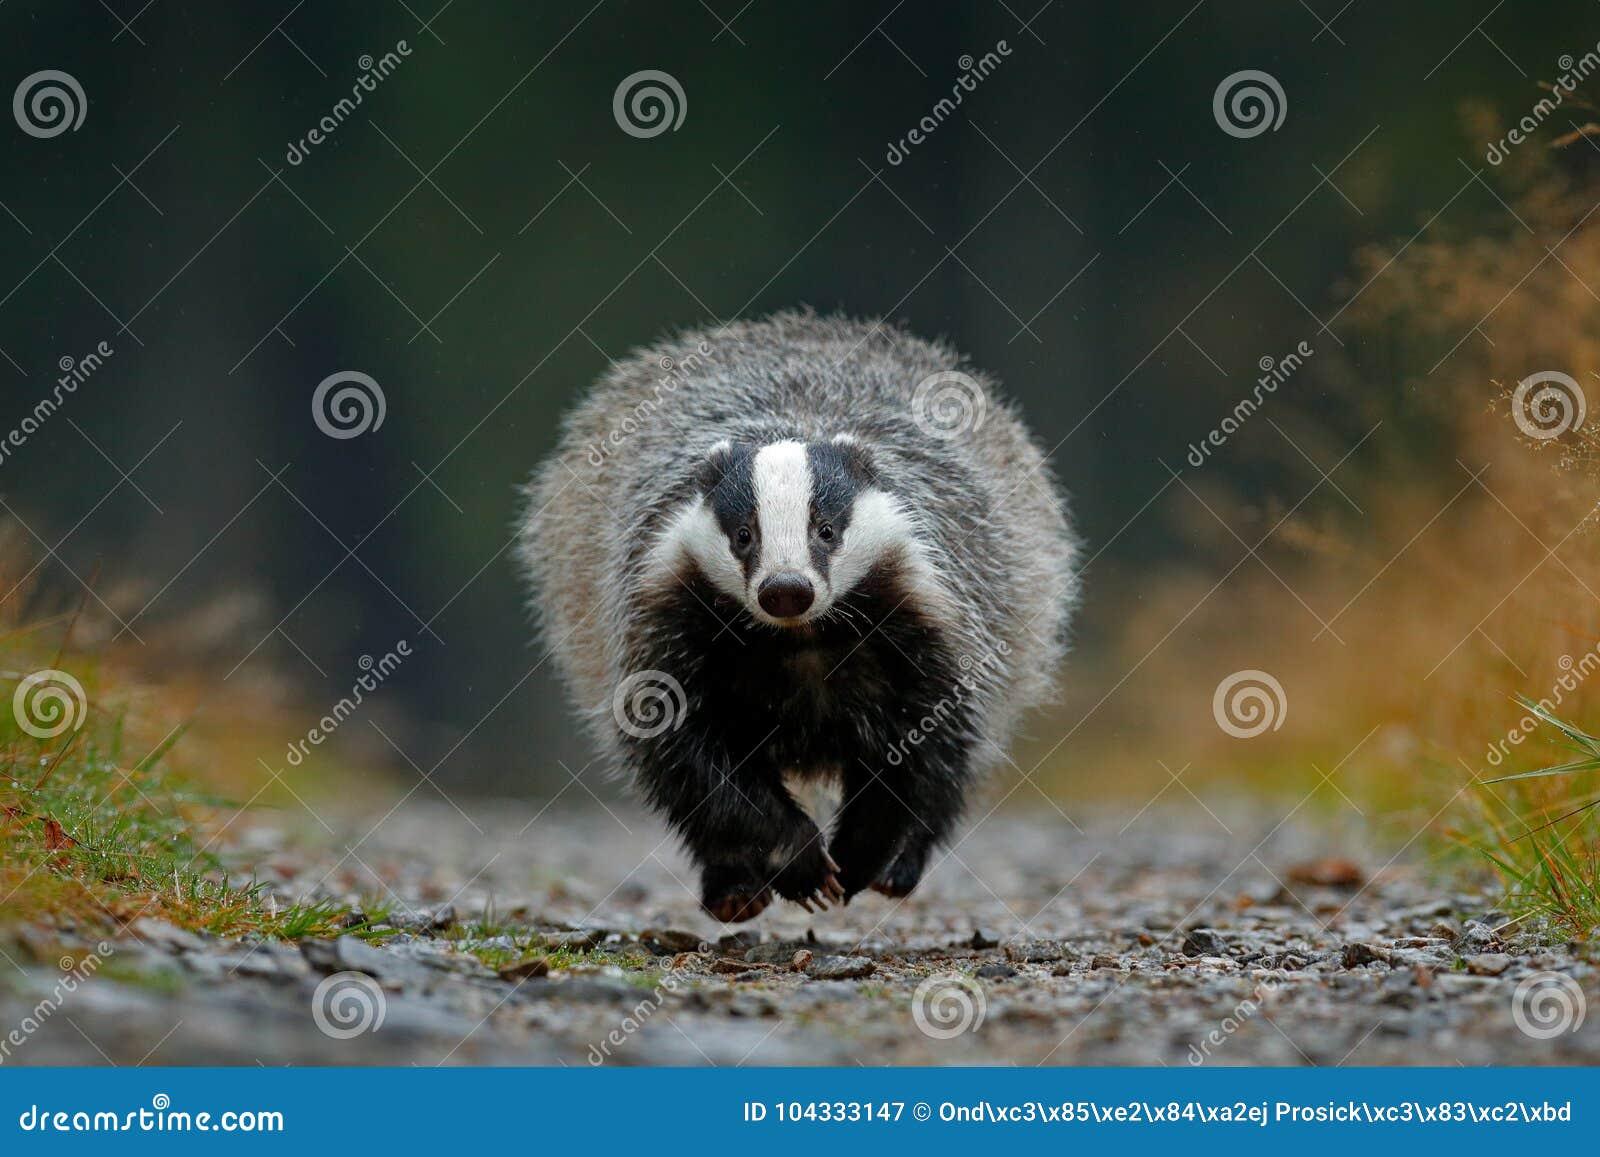 Flying mammal. Badger in forest, animal nature habitat, Germany, Europe. Wildlife scene. Wild Badger, Meles meles, wood road. Euro